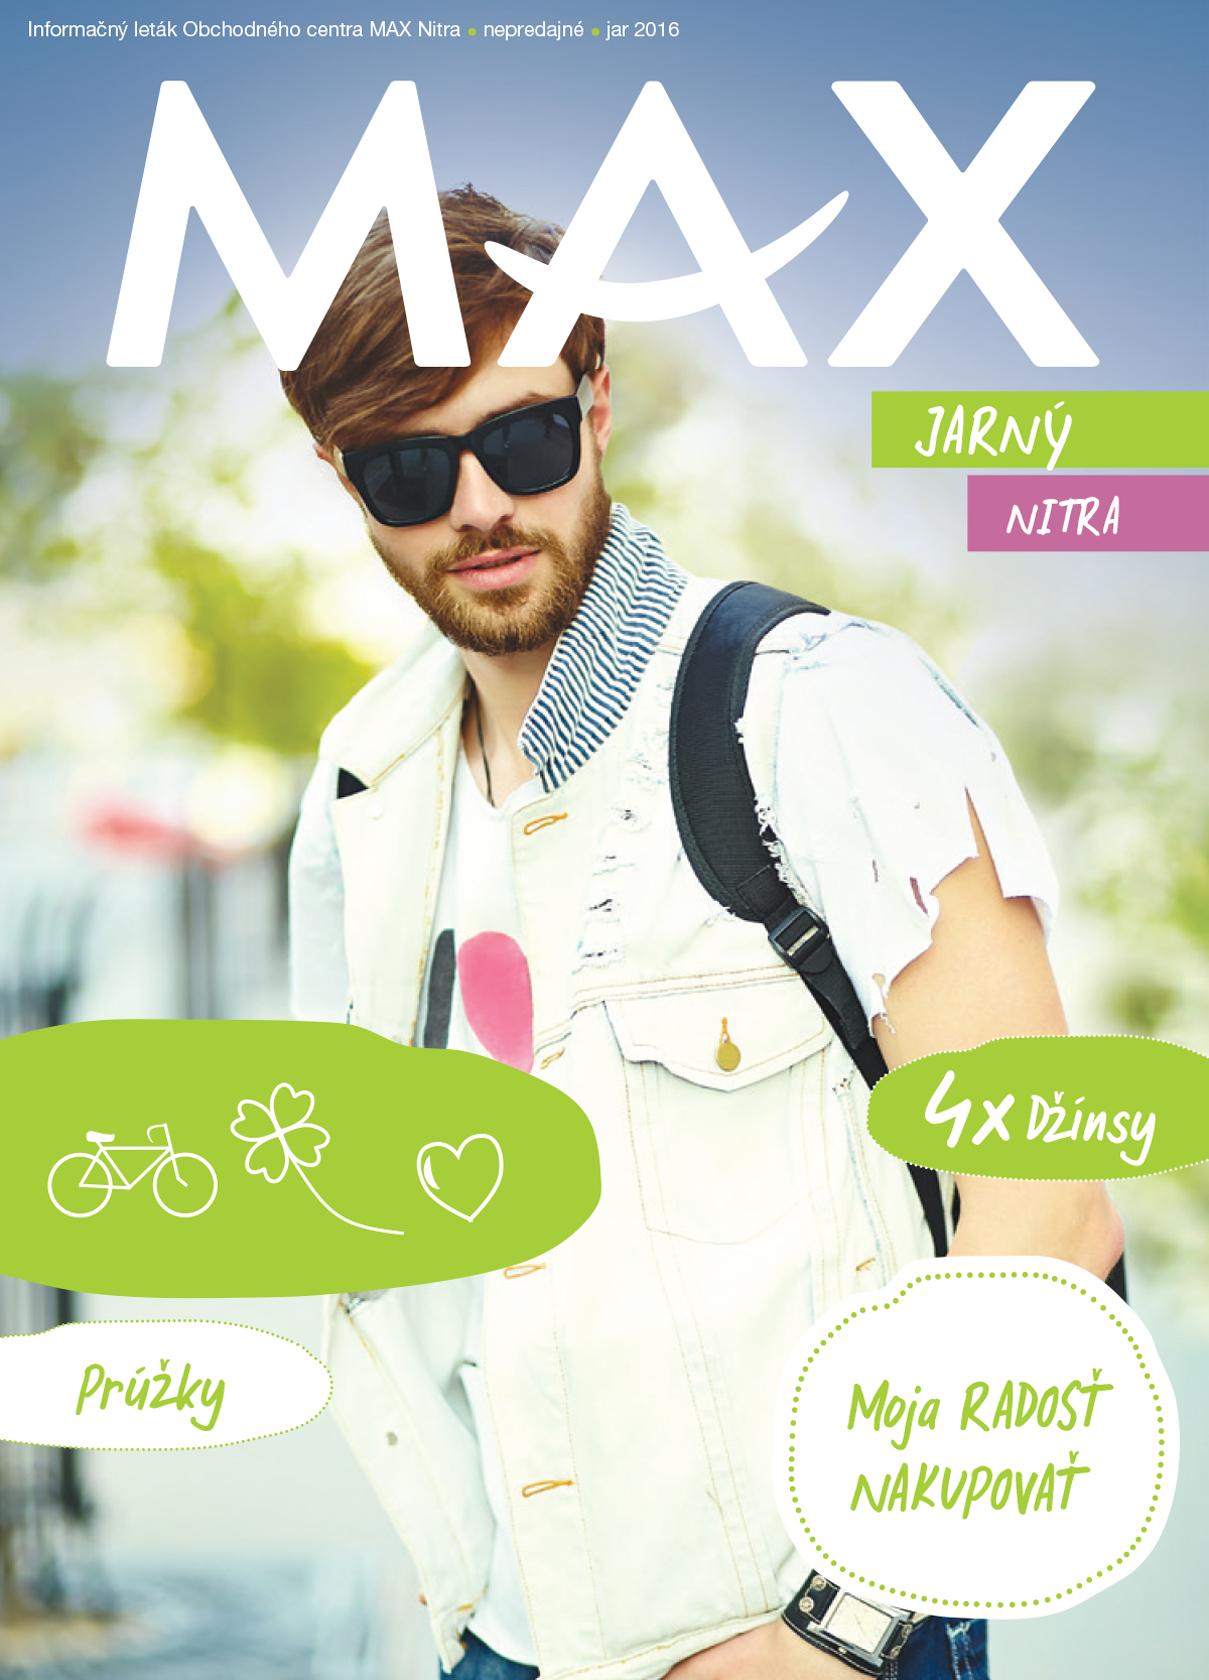 Jarný MAX katalóg v nákupnom centre OC MAX Nitra - fotografia č. 1 ... 9dc67c54080